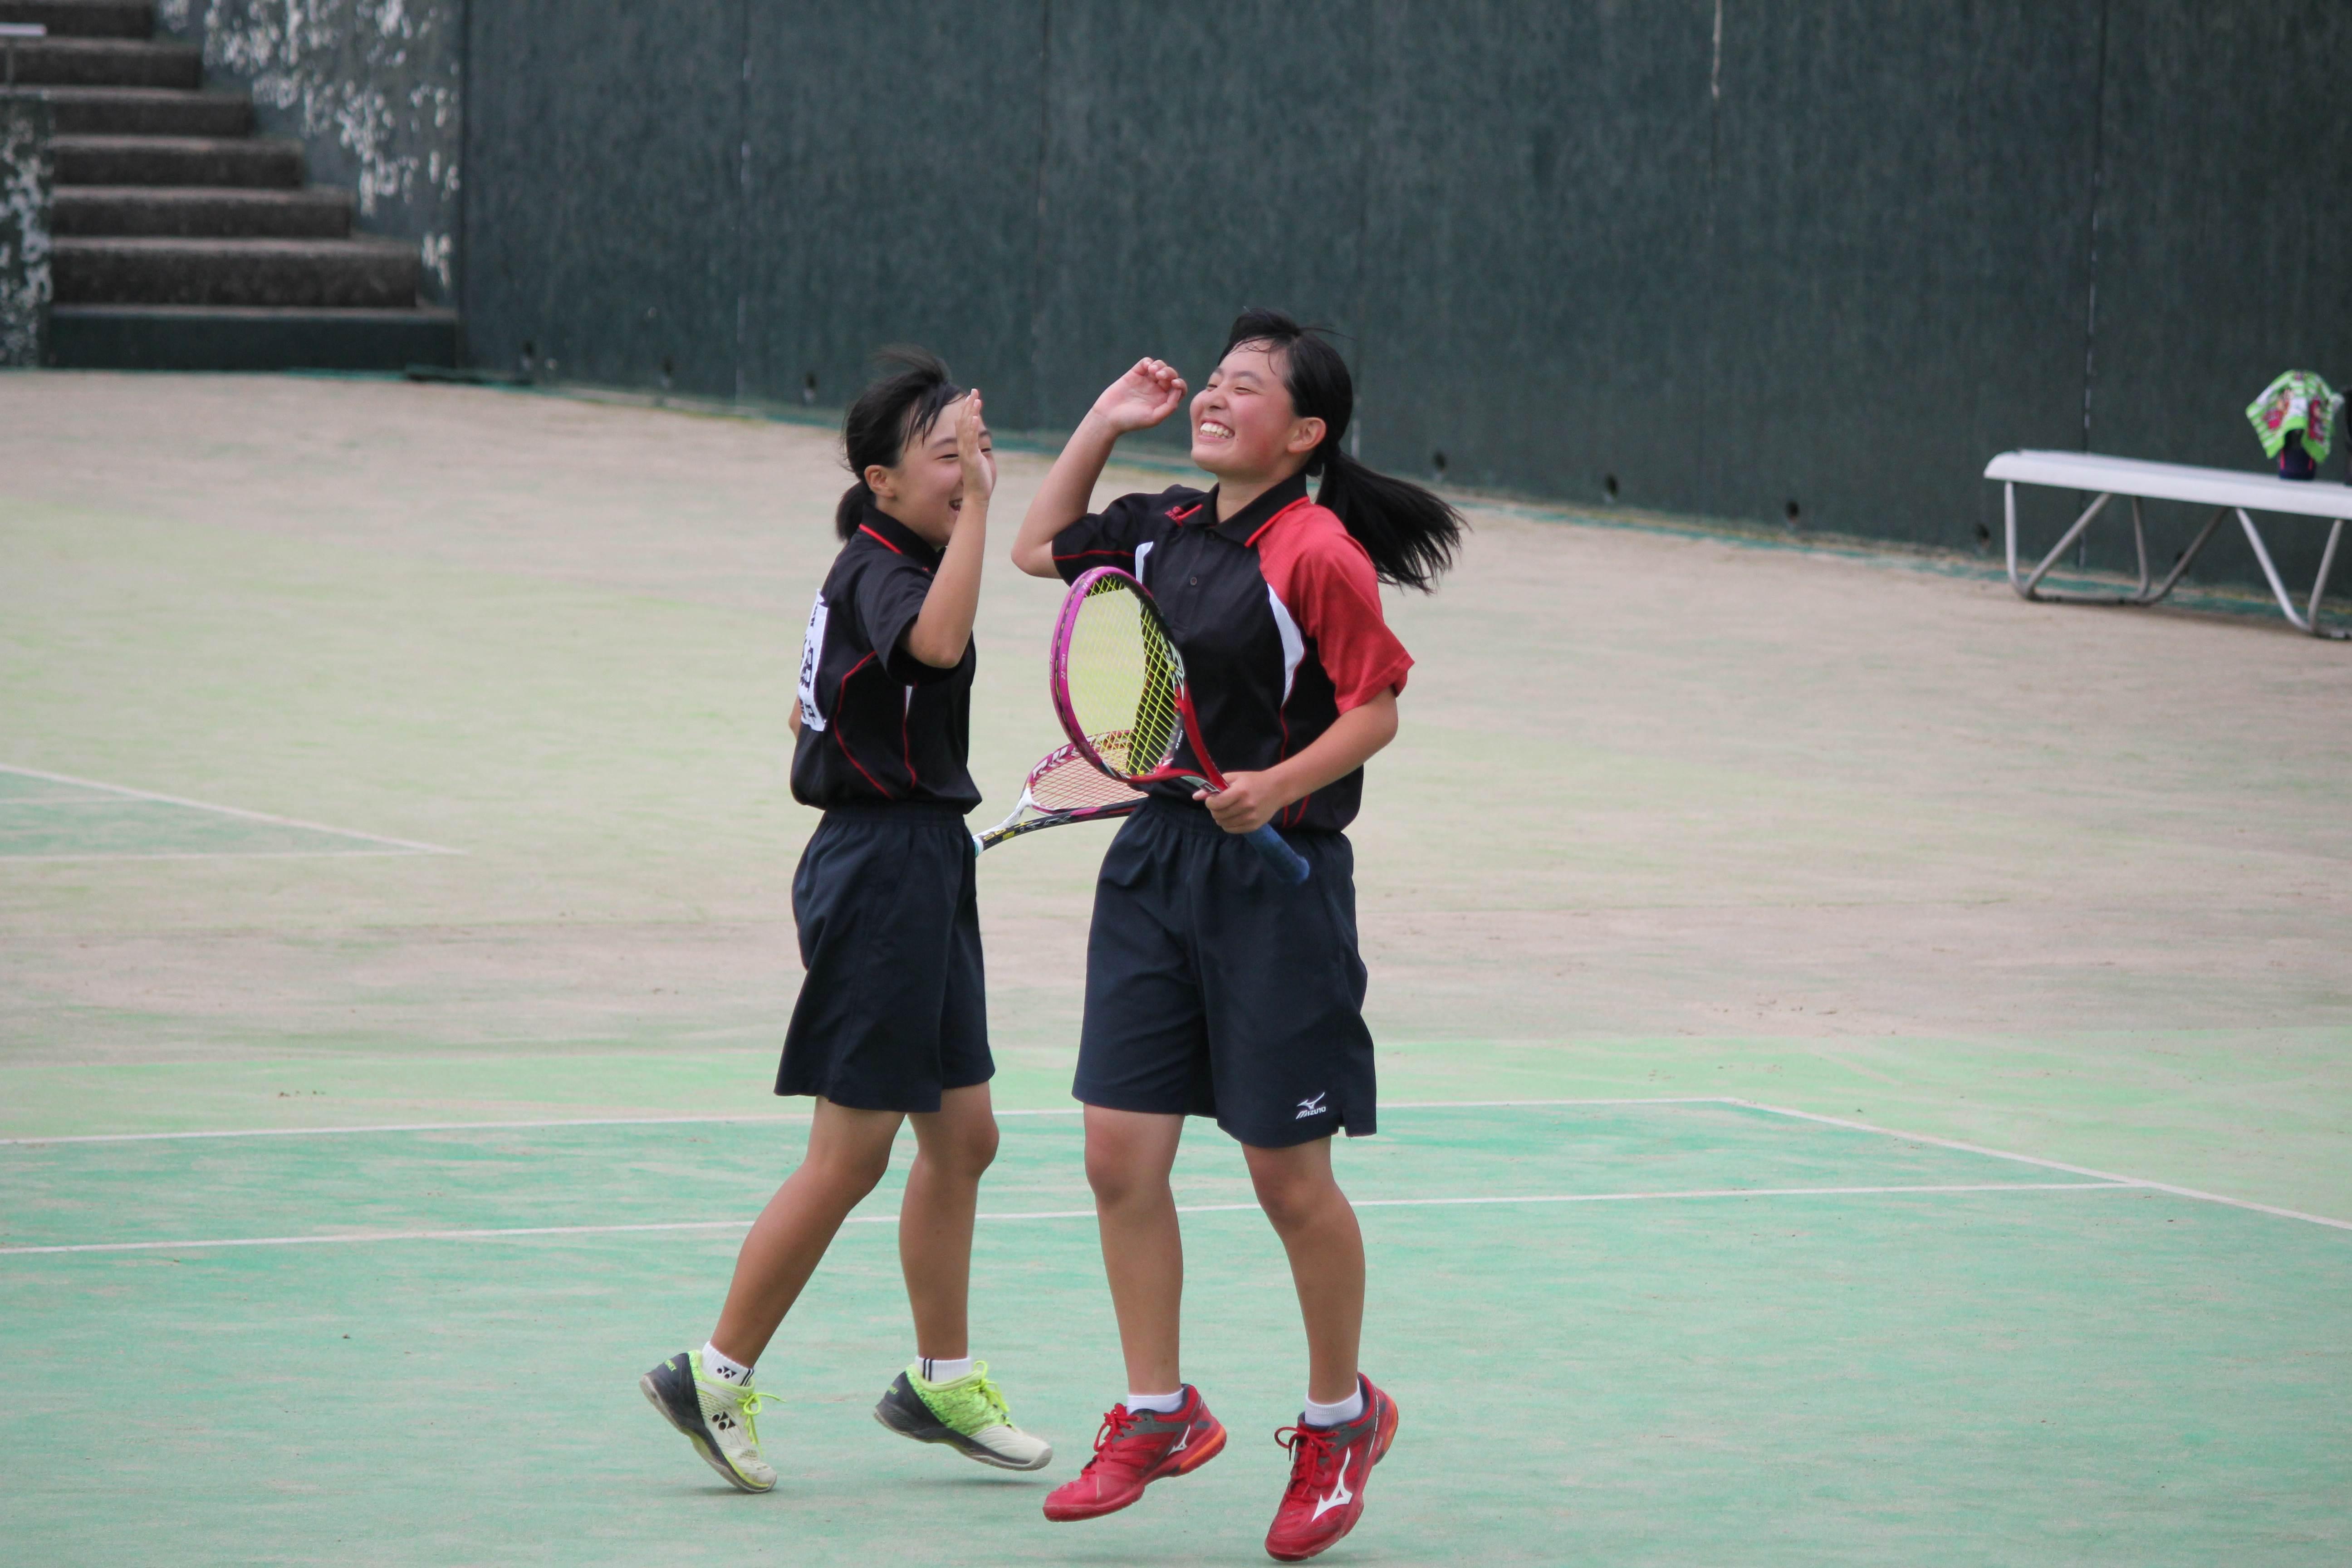 ソフトテニス (127)